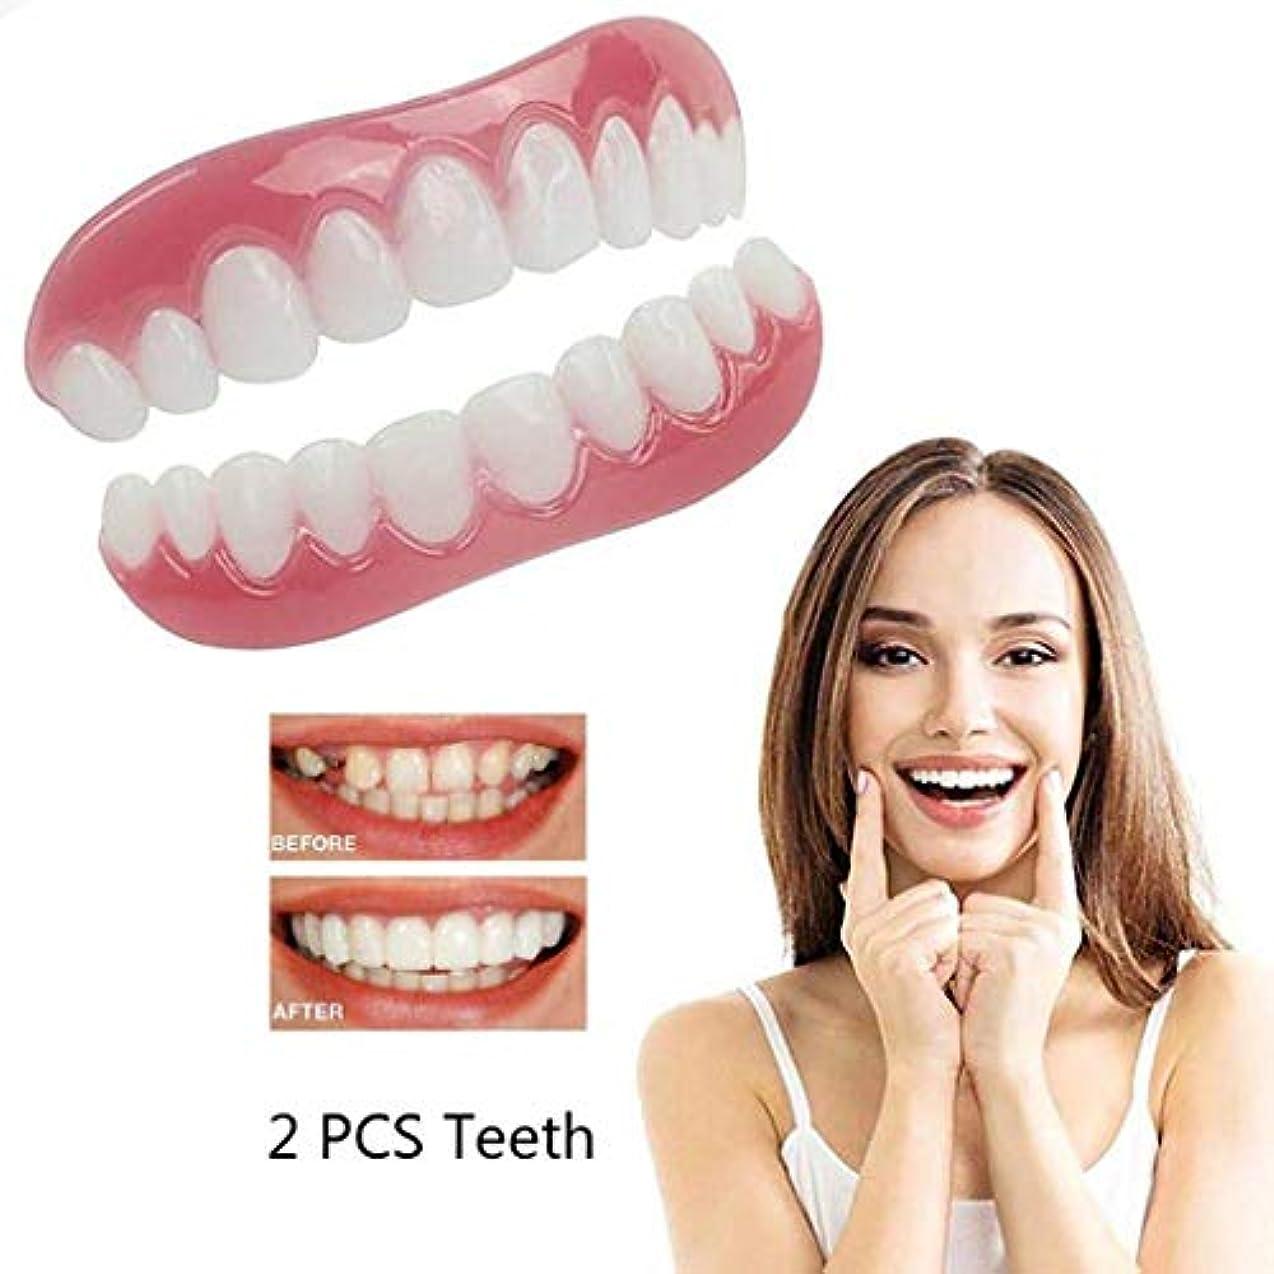 明確なパンツ定数インスタントスマイルベニア歯、シリコーンホワイトニングシミュレーション中括弧コンフォートフィットフレックスカーブ歯入れ歯美容ツールはすぐにあなたの歯を修復します